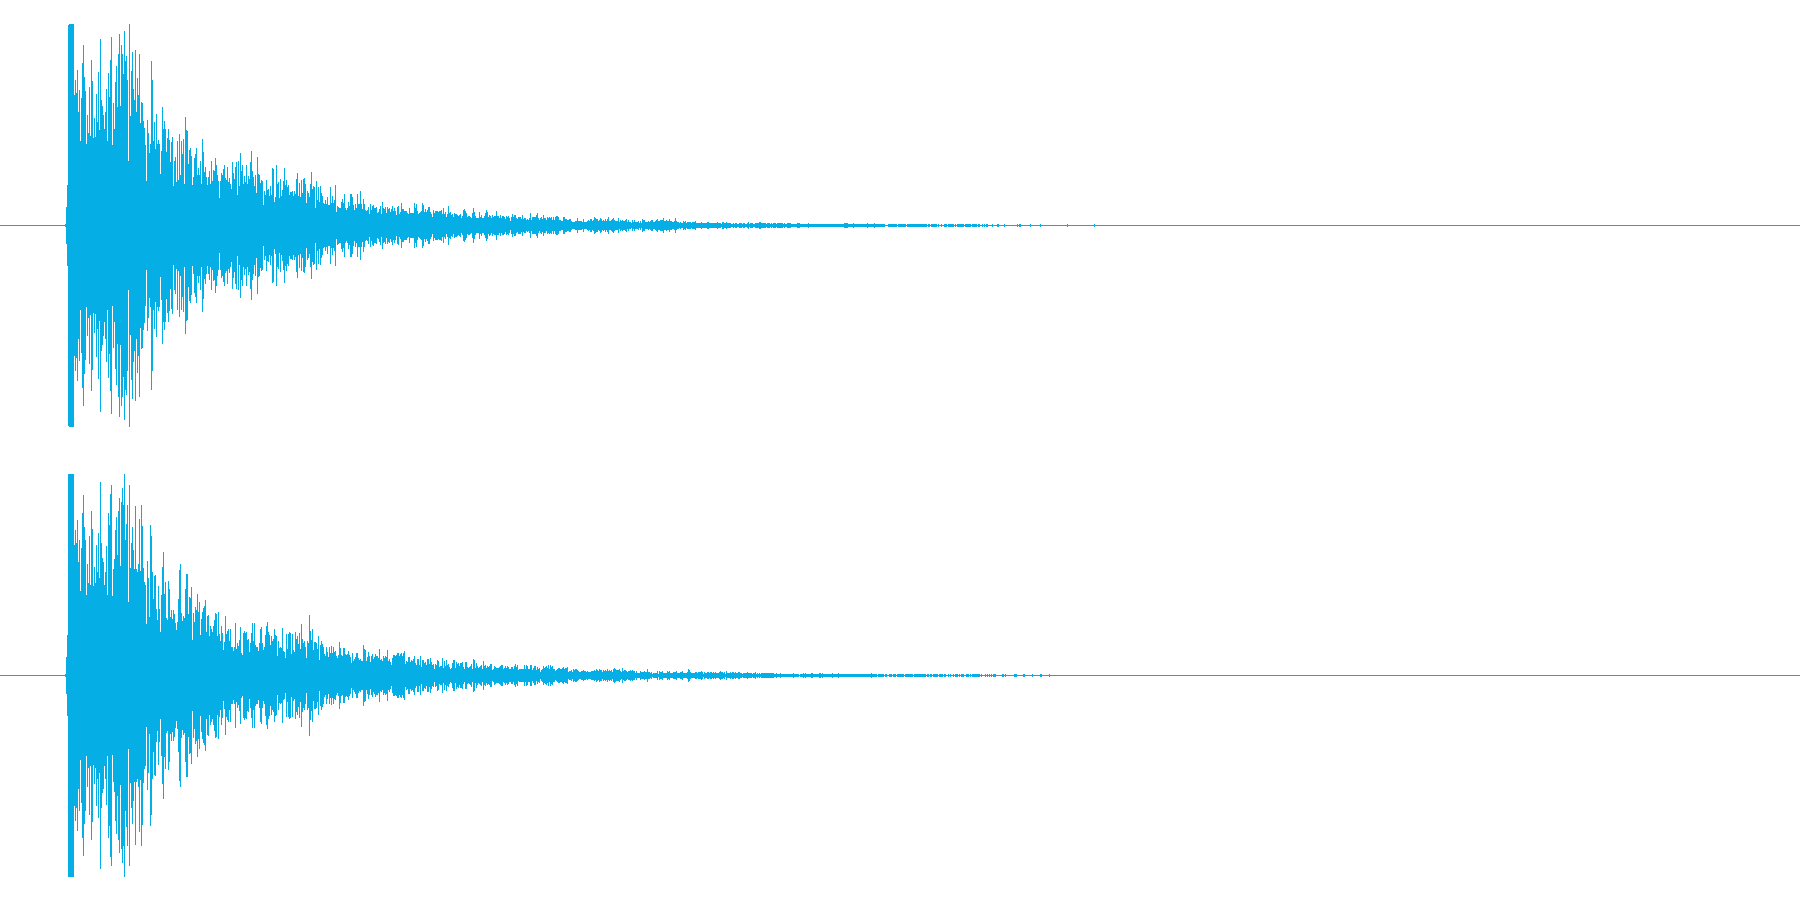 打撃09-5の再生済みの波形